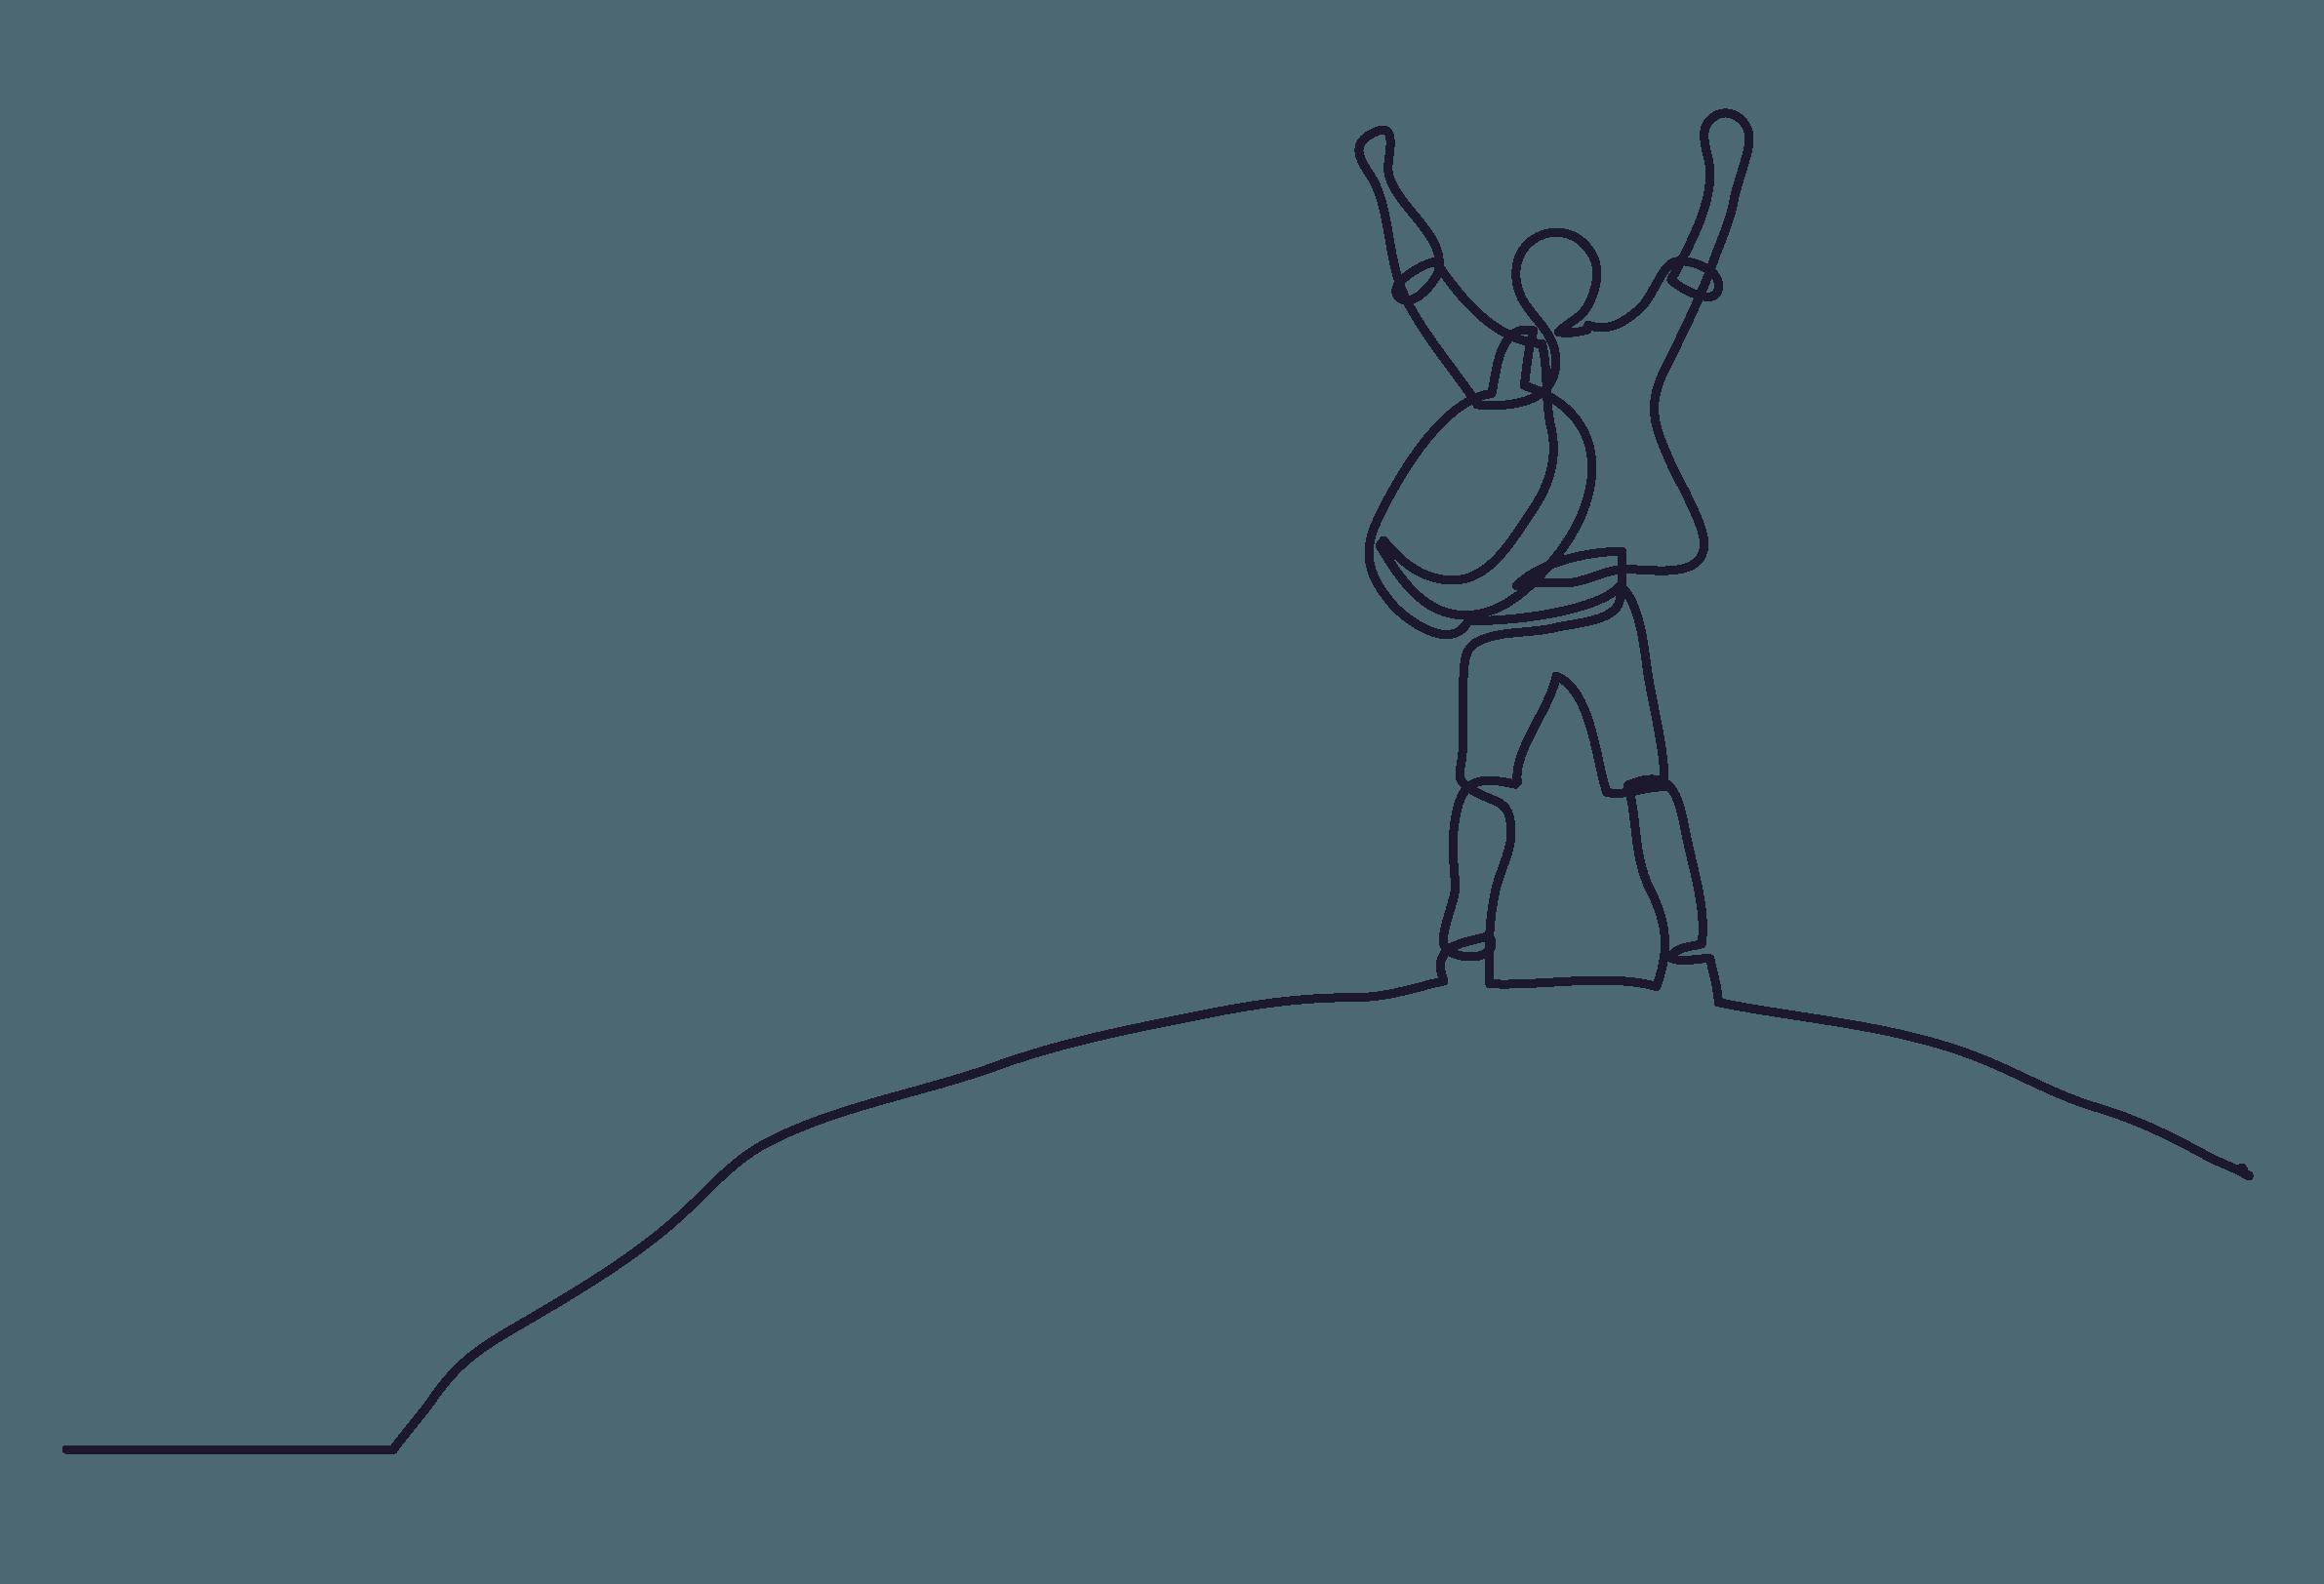 bedrock-illustration-1Artboard 5@2x-8.png